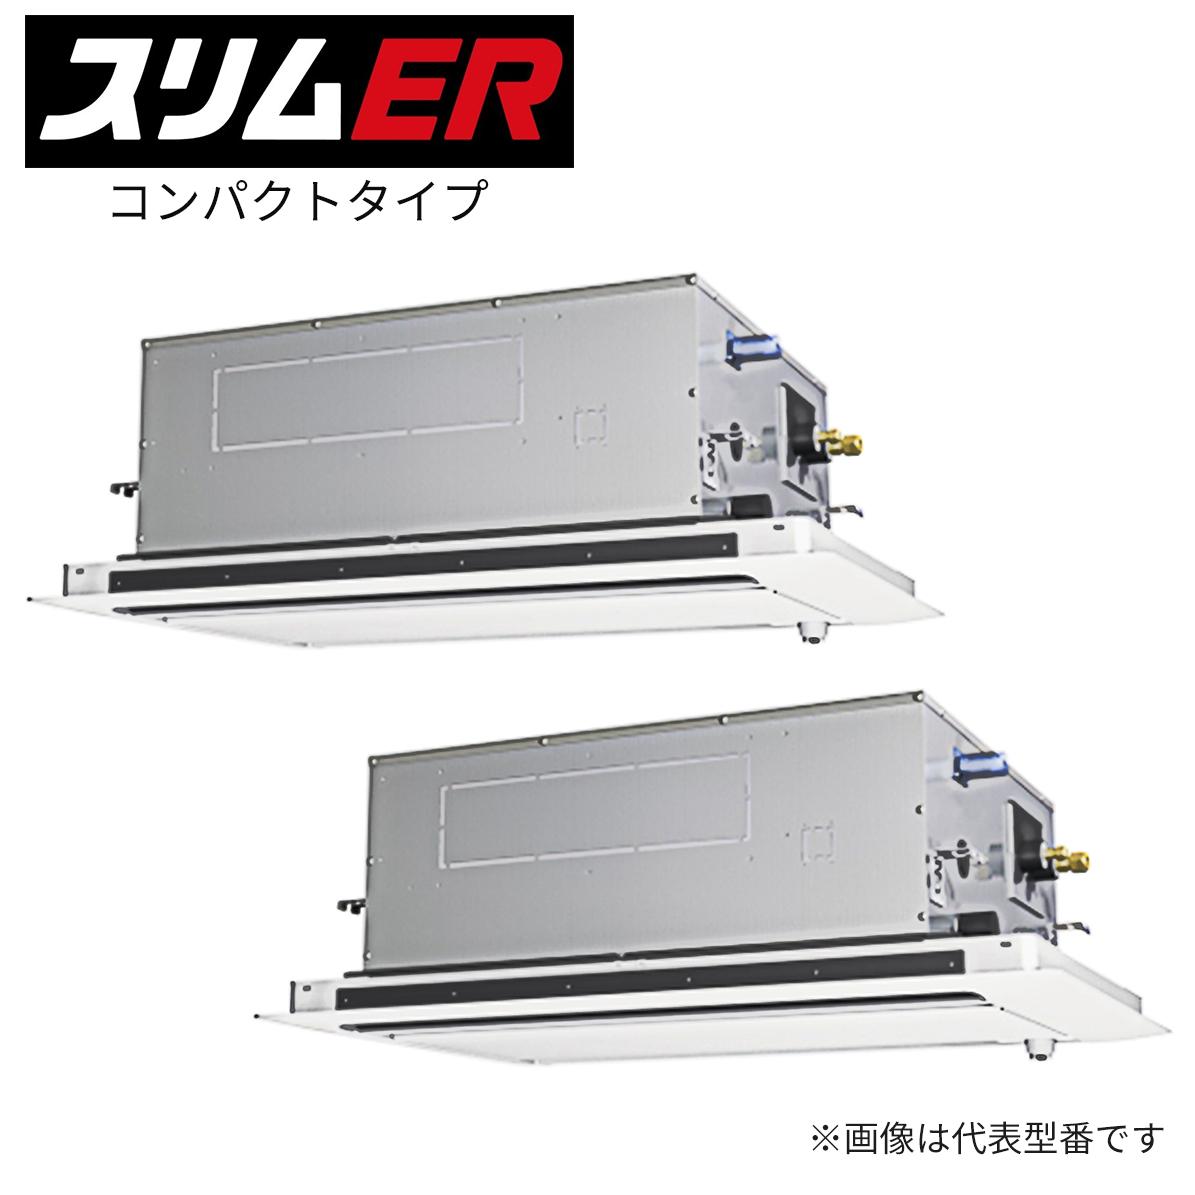 ###三菱 業務用エアコン【PLZX-ERMP112LET】スリムER コンパクトタイプ 2方向天井カセット形 同時ツイン 三相200V 4馬力